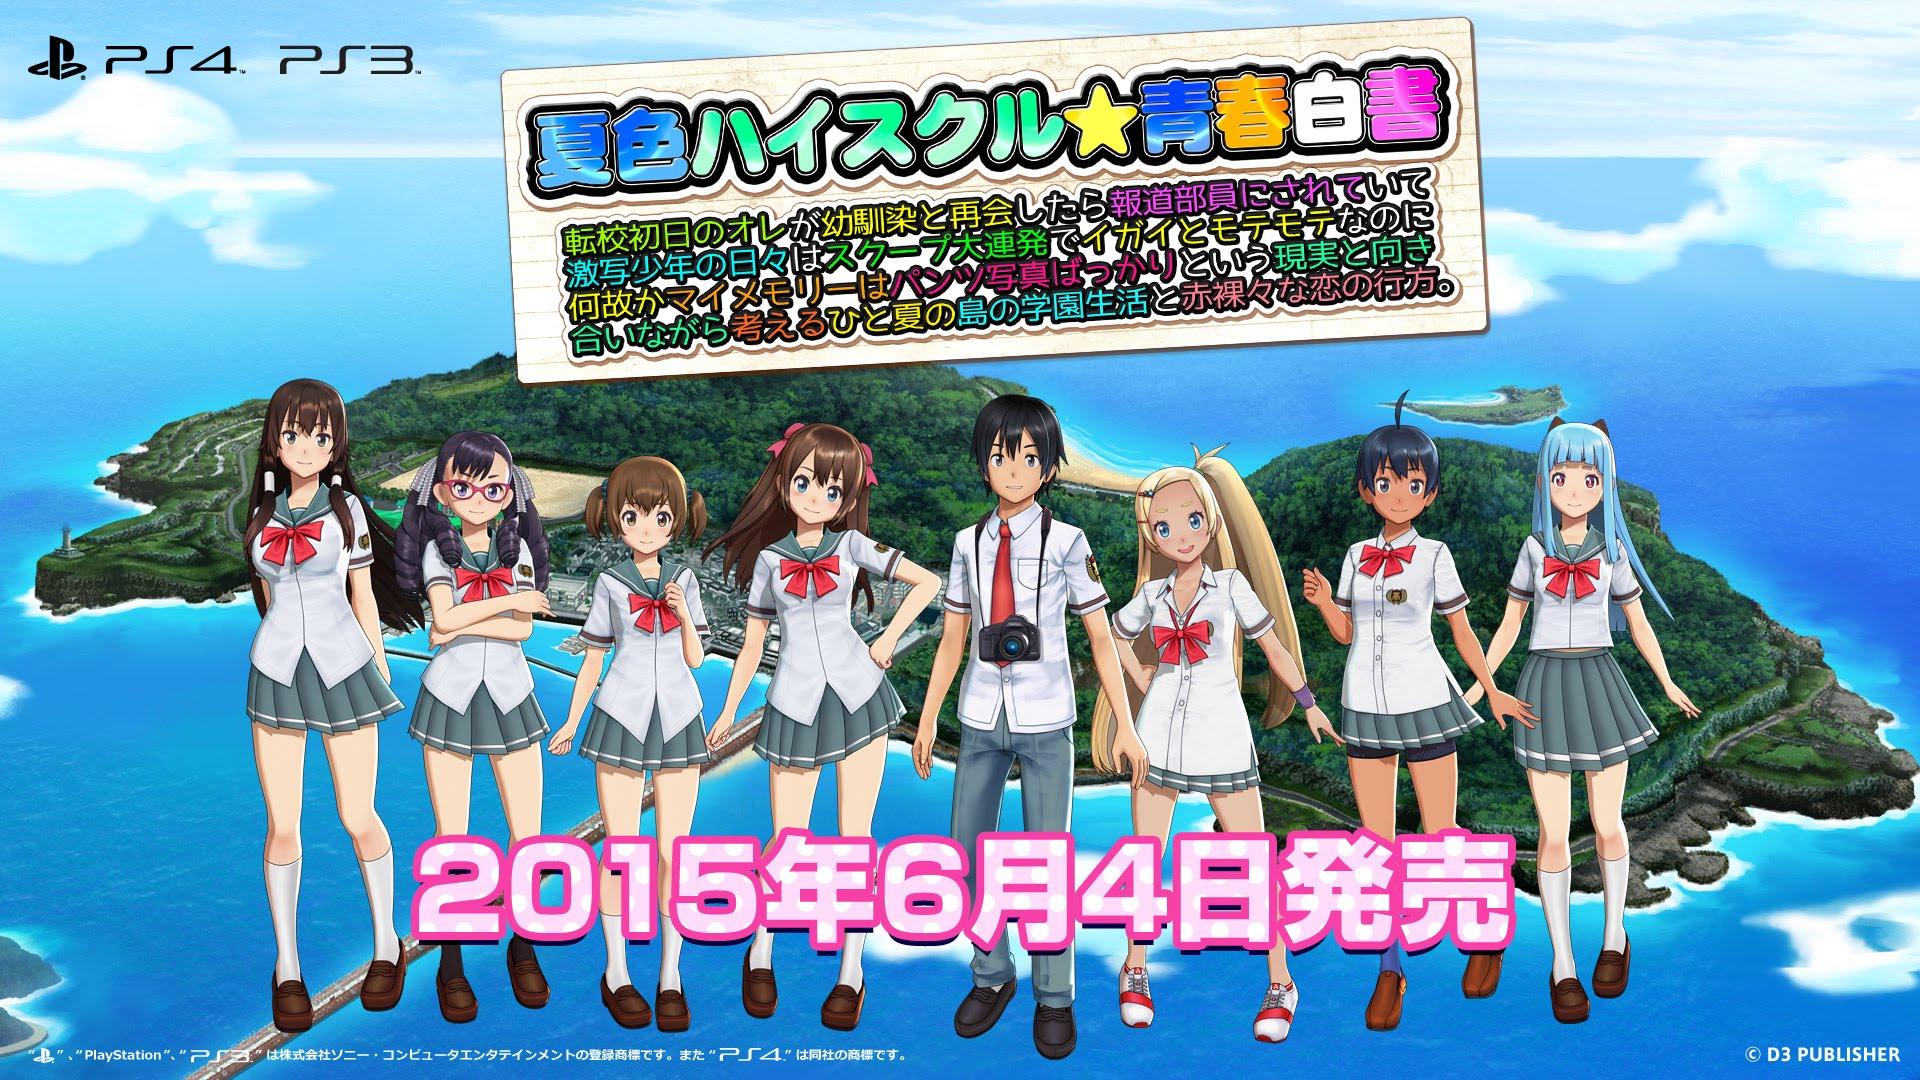 Natsuiro High School spil trailer fremviser de nedre vinkler